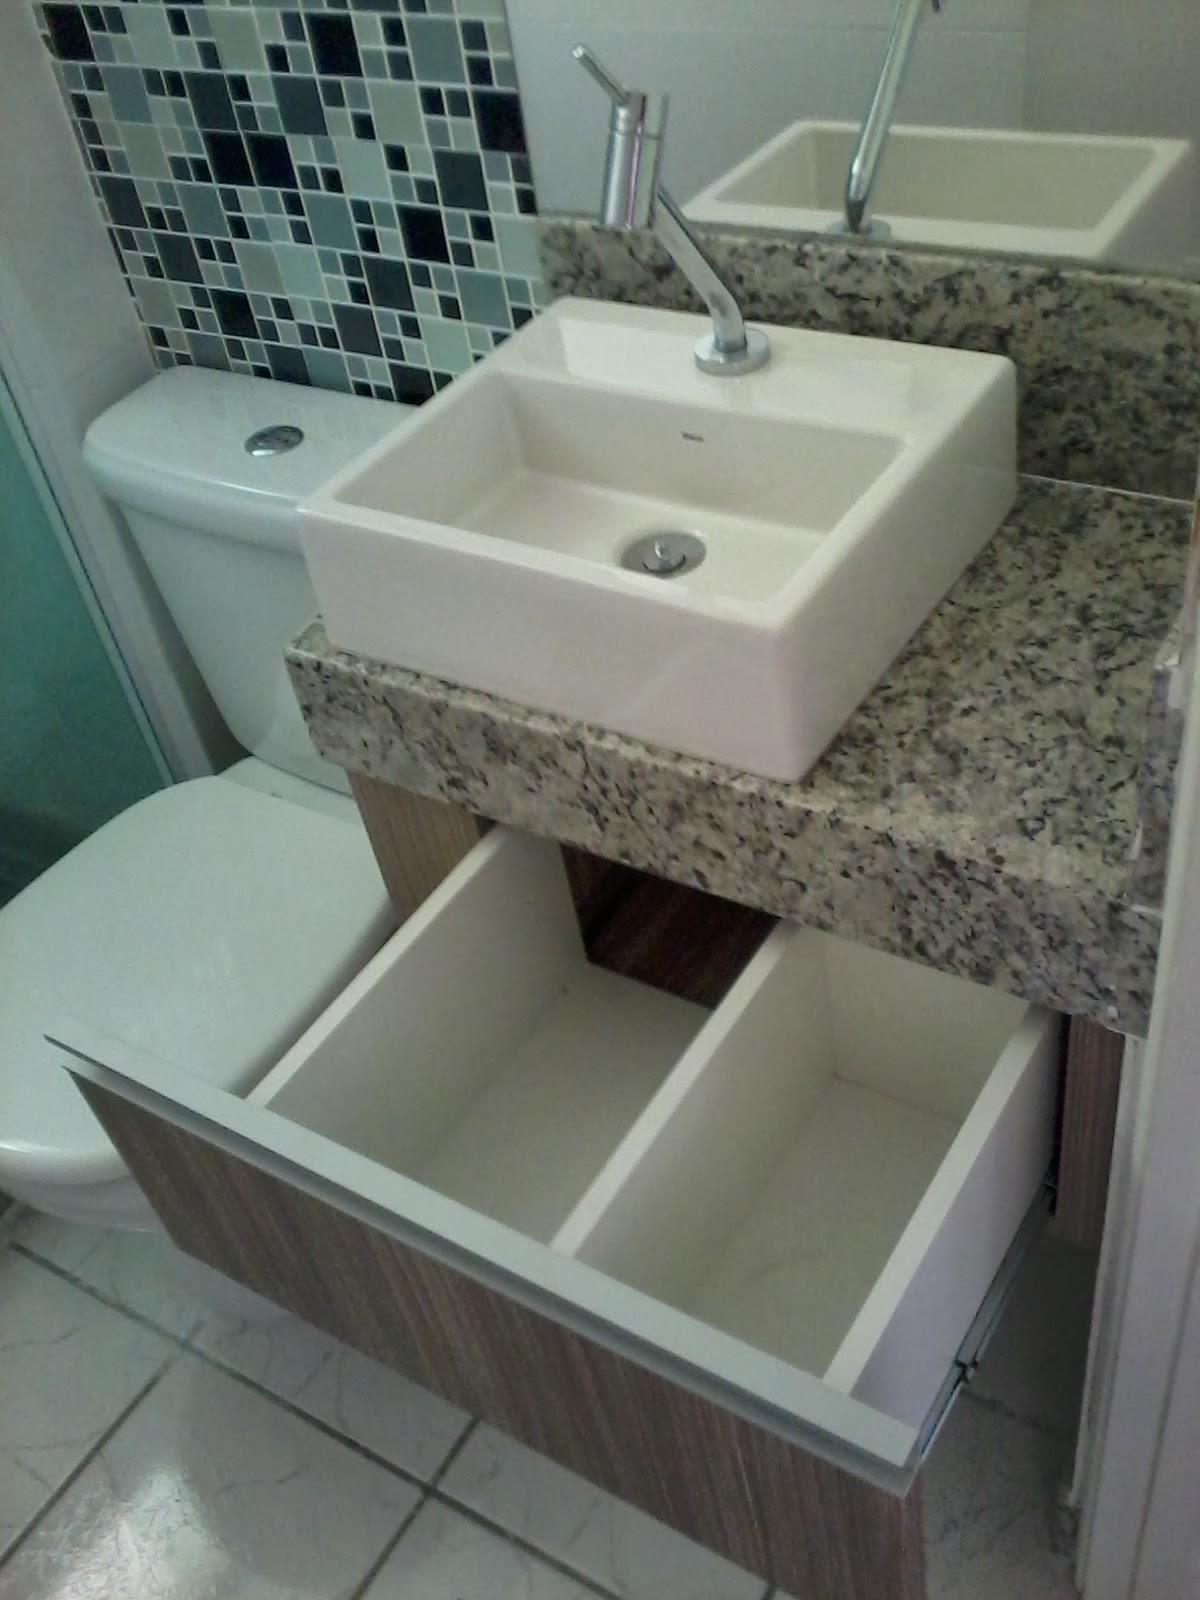 Belenetto  Marcenaria Personalizada Painel de TV e Banheiro  Wesley  Linh -> Encanamento De Banheiro Com Banheira